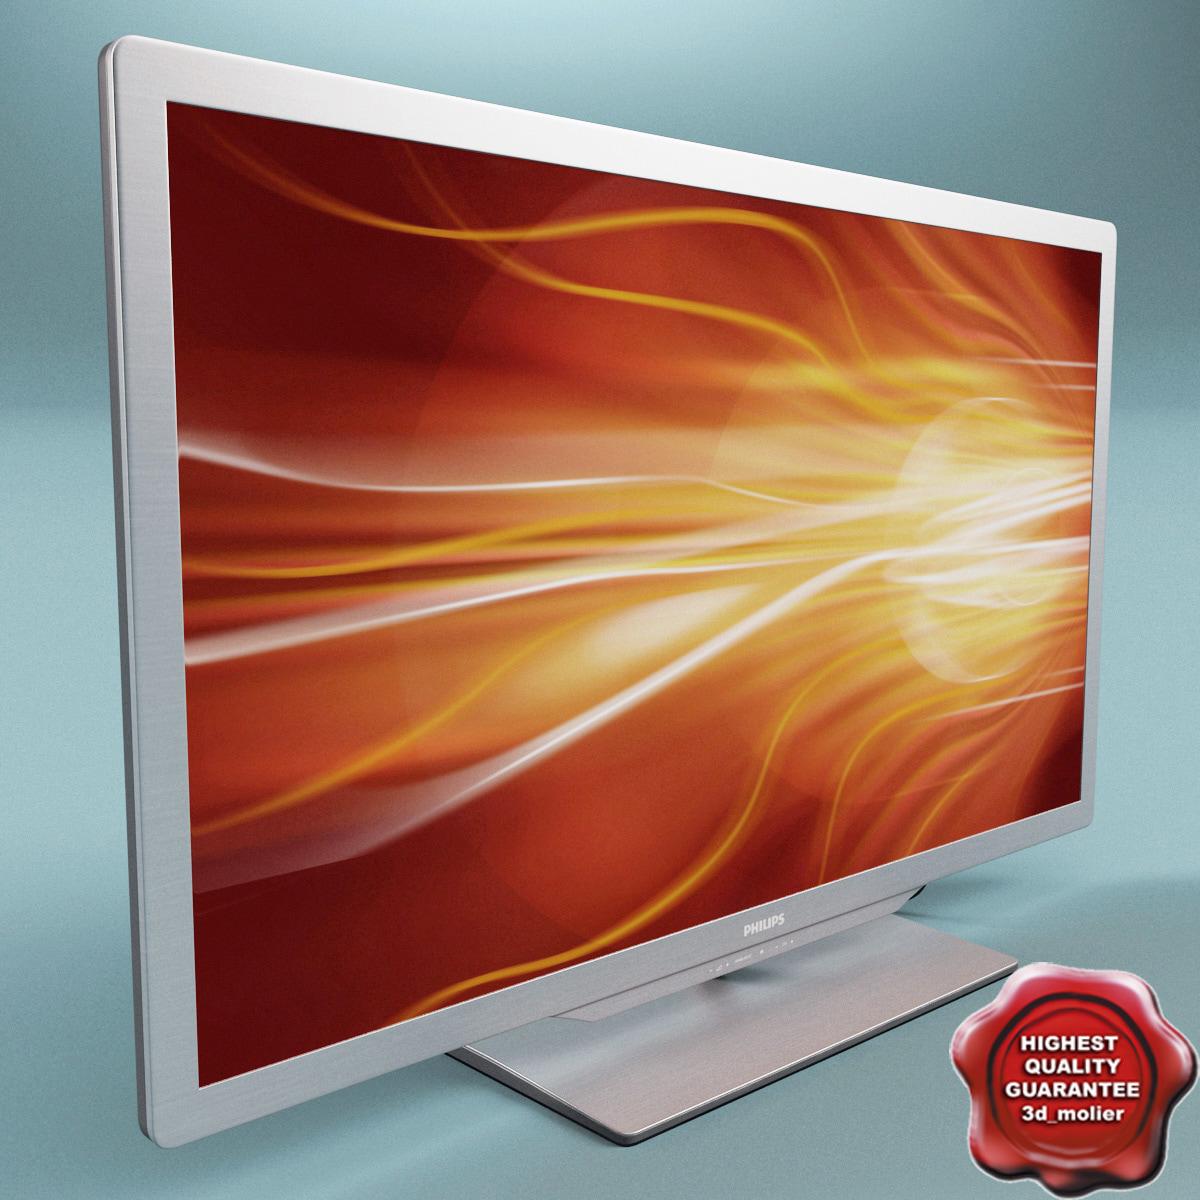 Philips_7000_Series_Smart_LED_TV_55PFL7606T_00.jpg